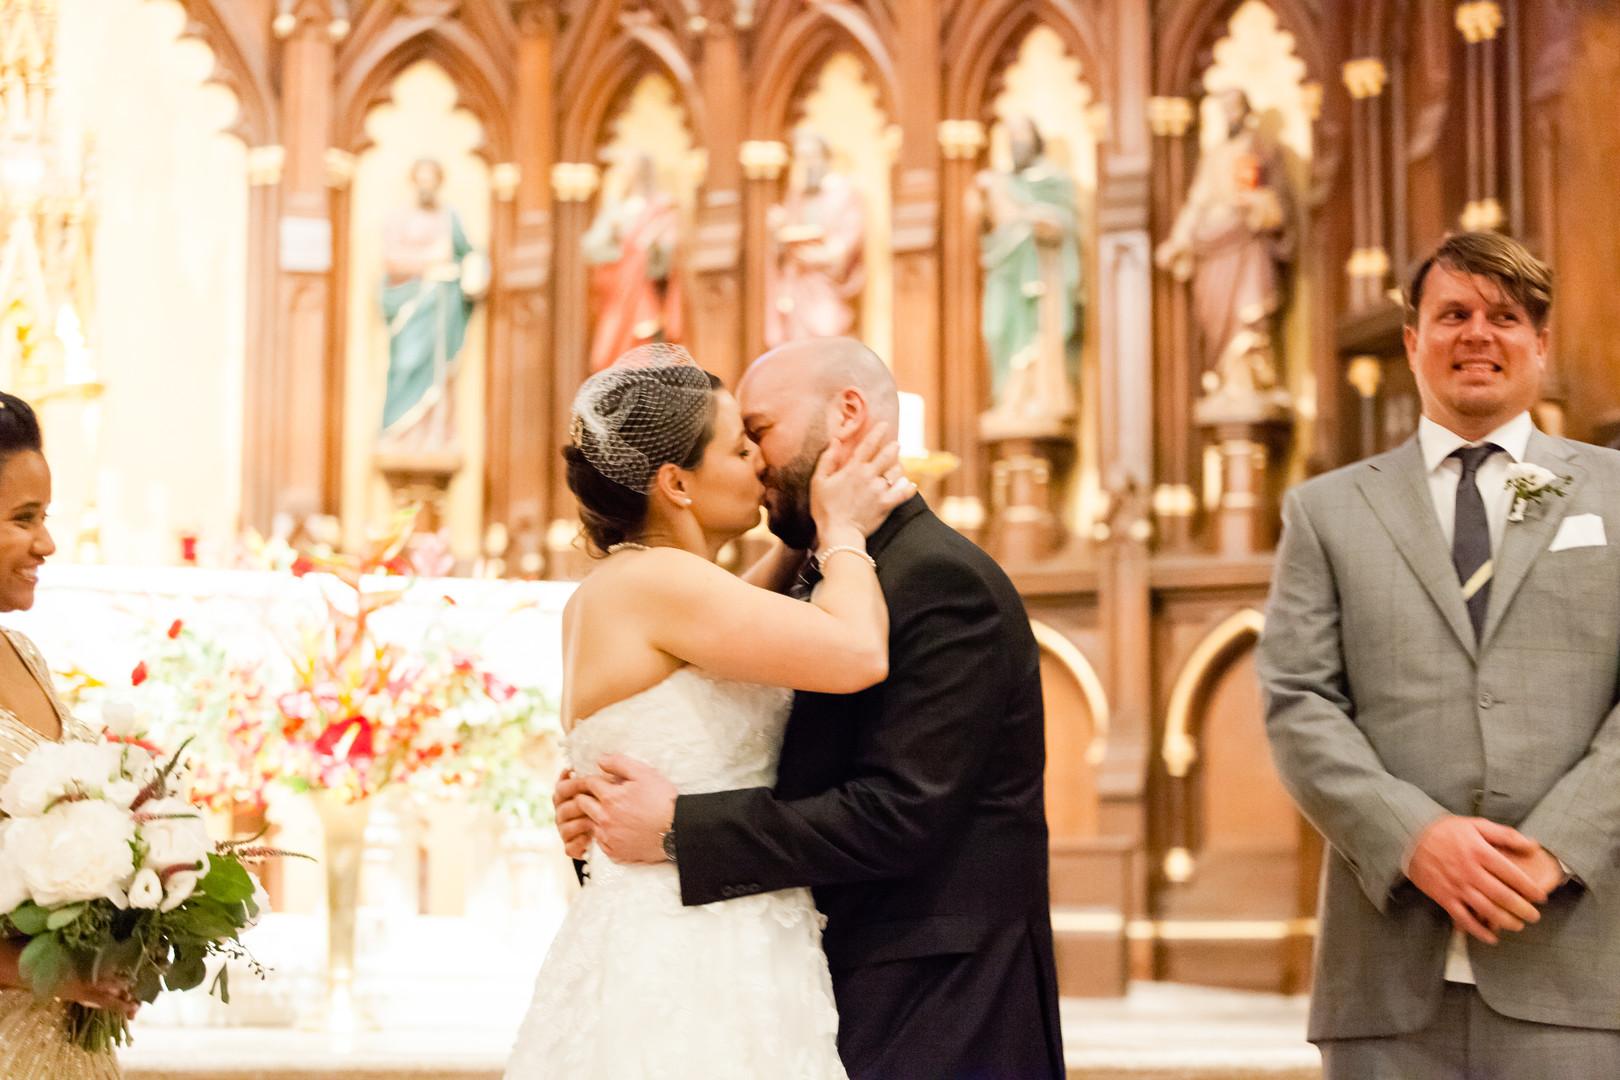 Woolard_Callegari_CaseyFatchettPhotography_publicrestaurantwedding37_big.jpg